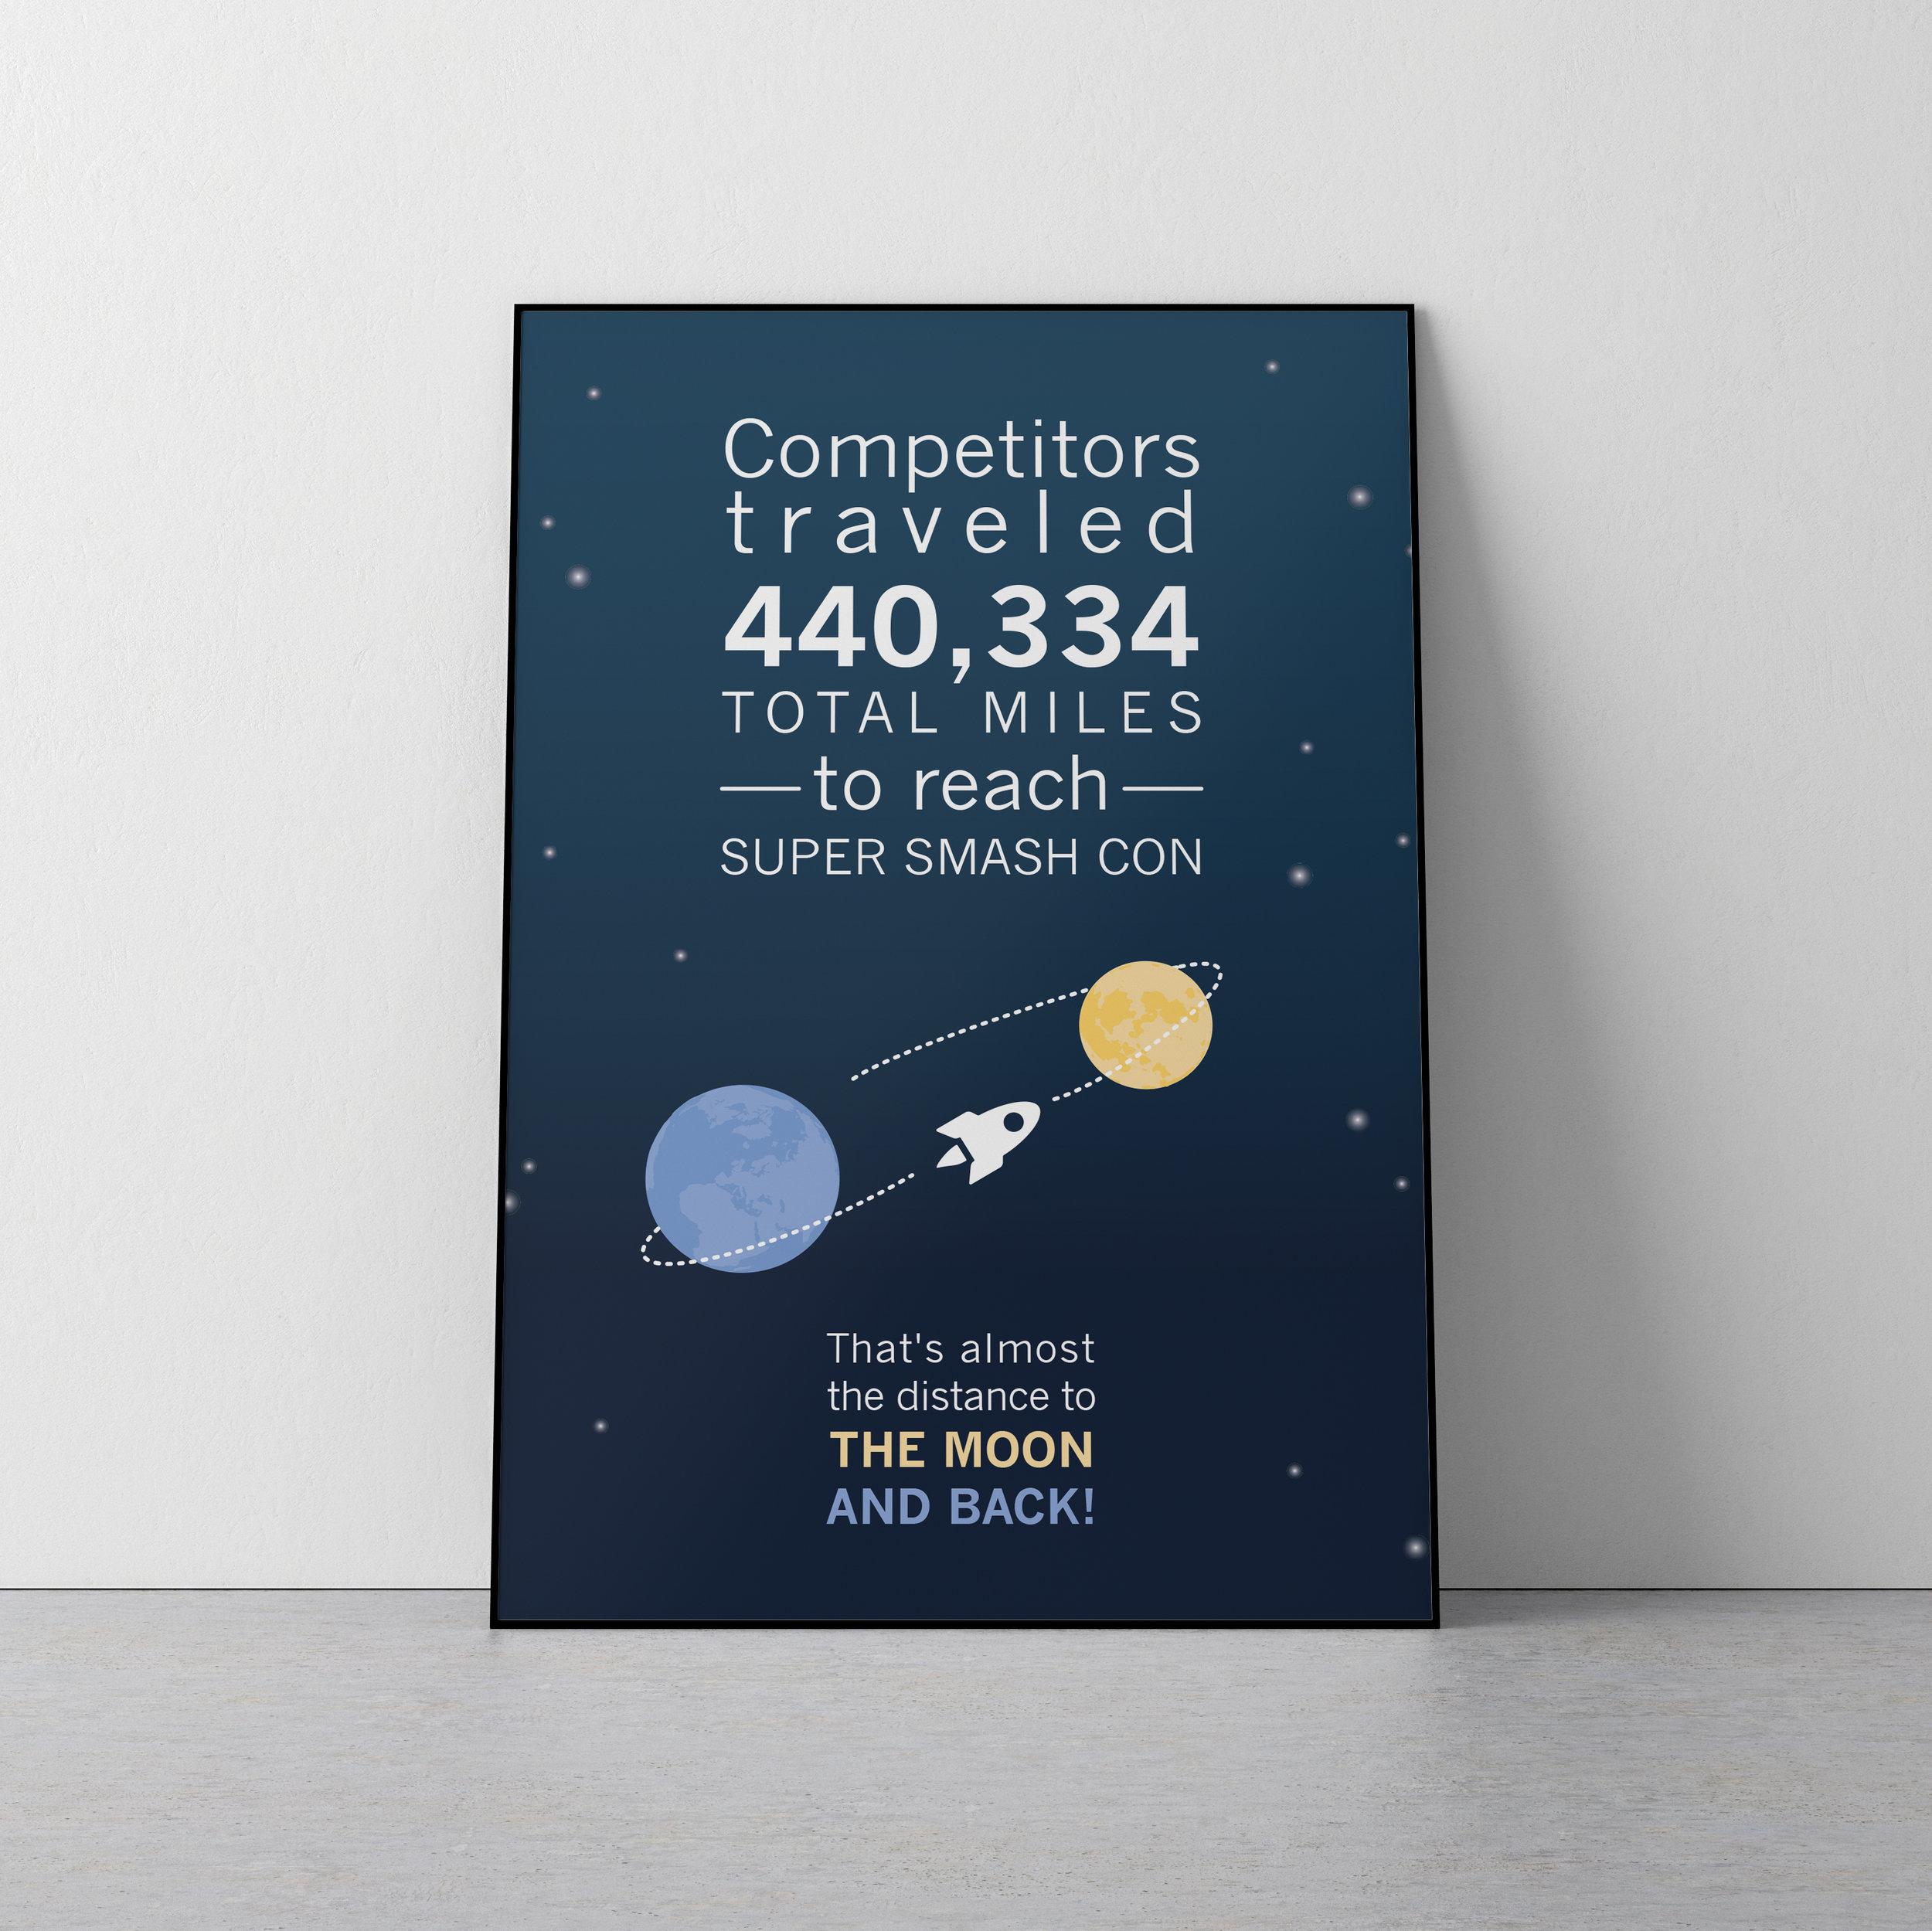 SSC_Poster_02.jpg